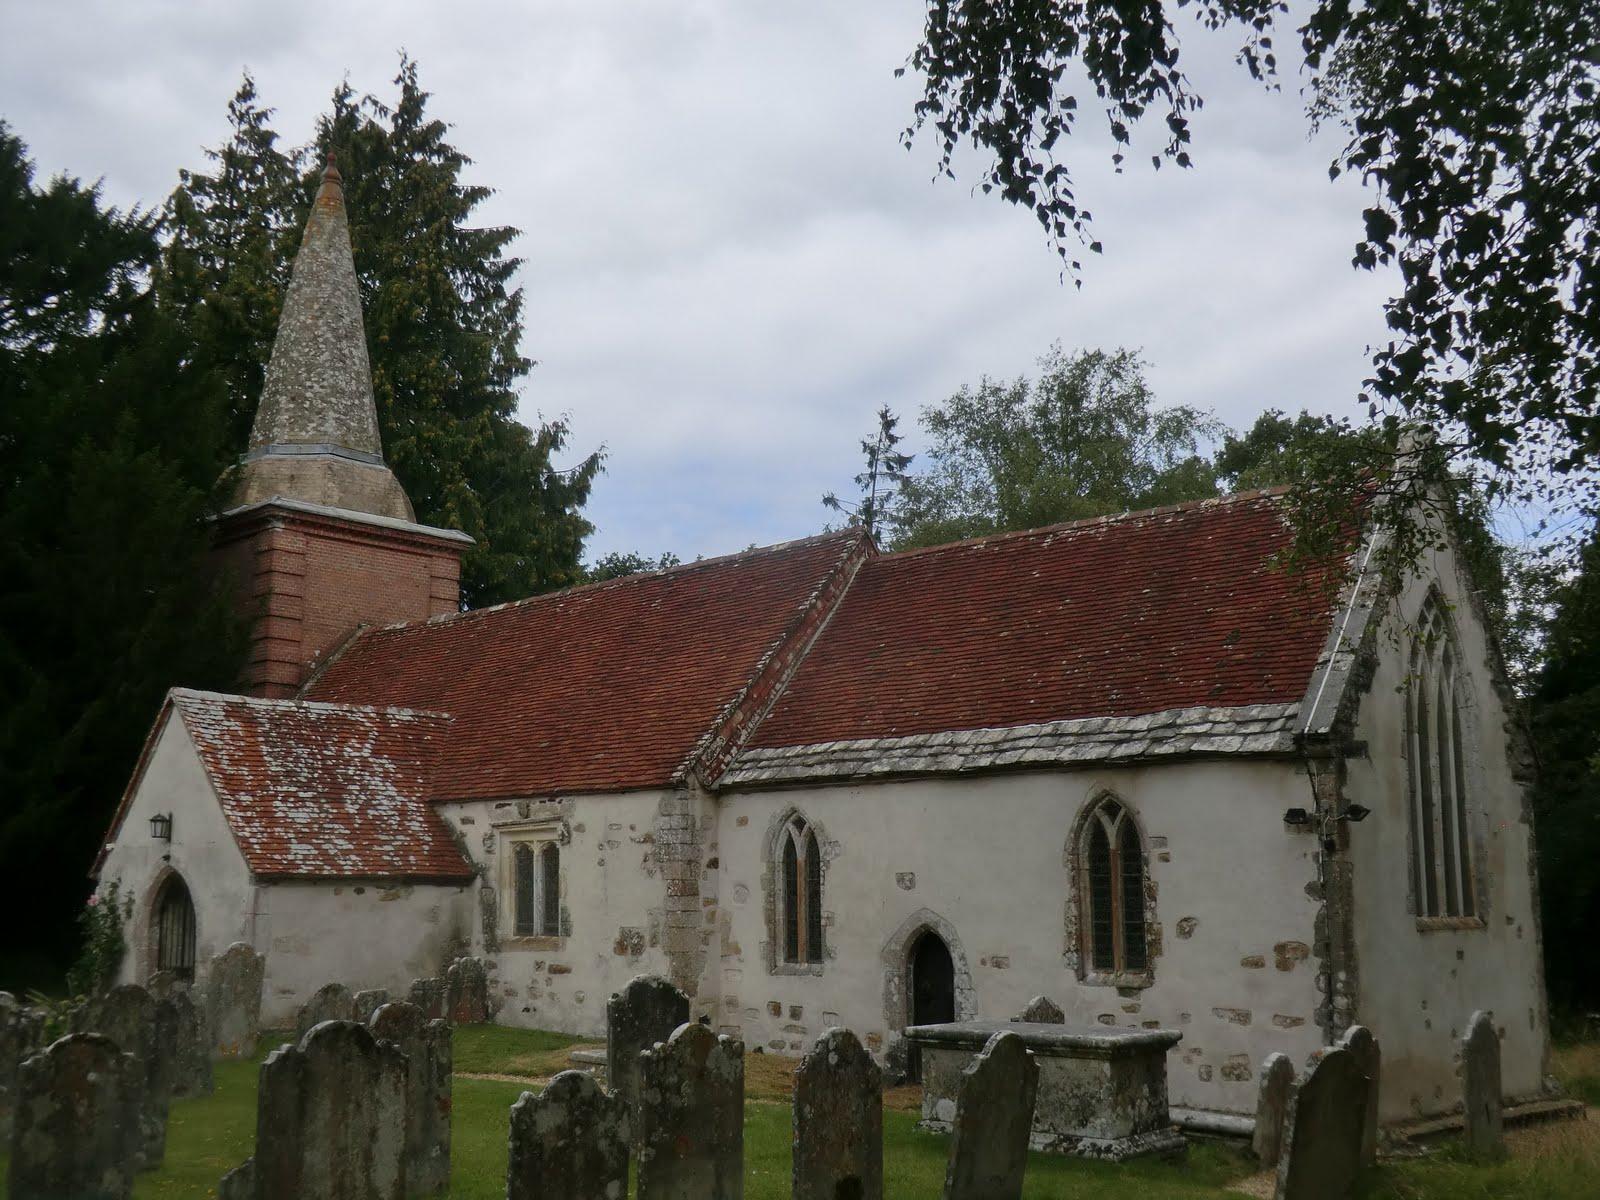 CIMG4262 St Nicholas church, Brockenhurst